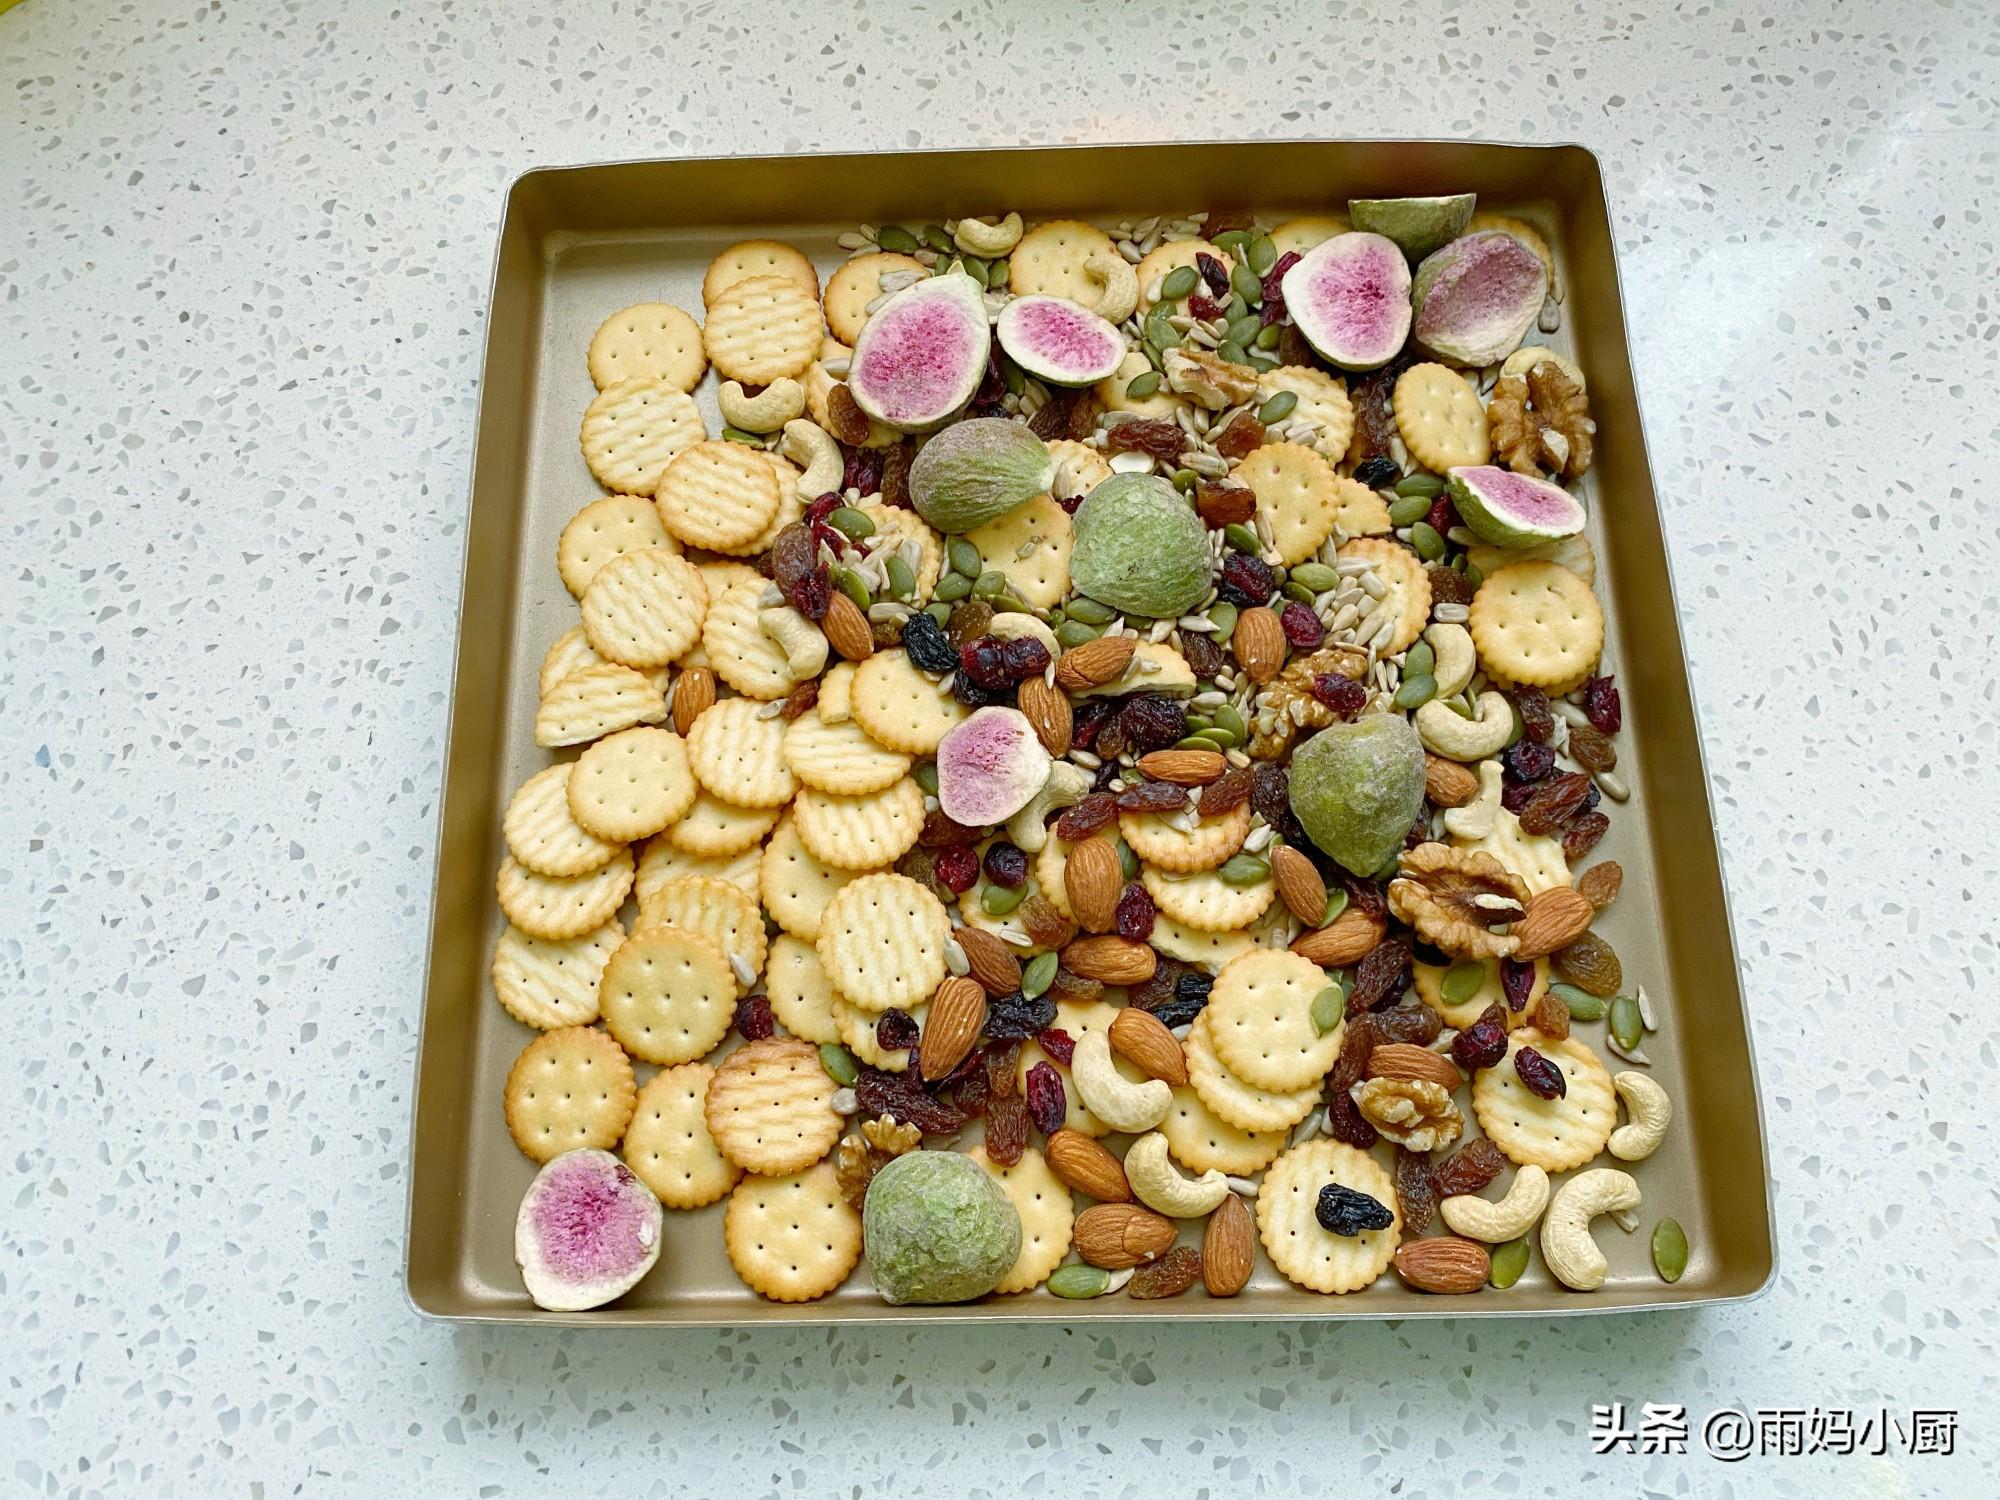 過年小零食雪花酥,香酥美味做法簡單,1口平底鍋10分鐘搞定